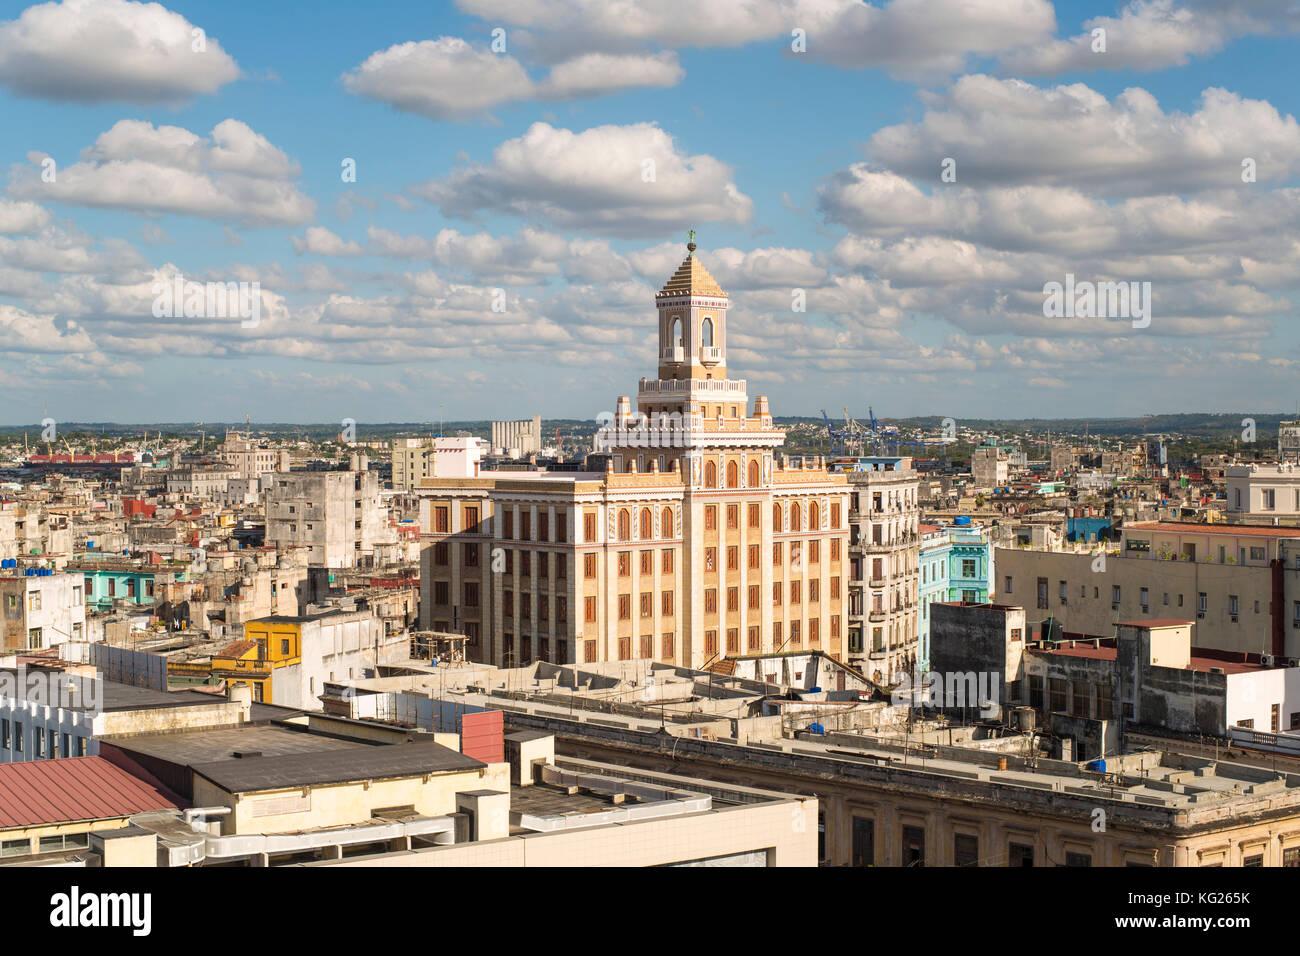 À partir d'une architecture proche du Malecon, La Havane, Cuba, Antilles, Amérique centrale Photo Stock